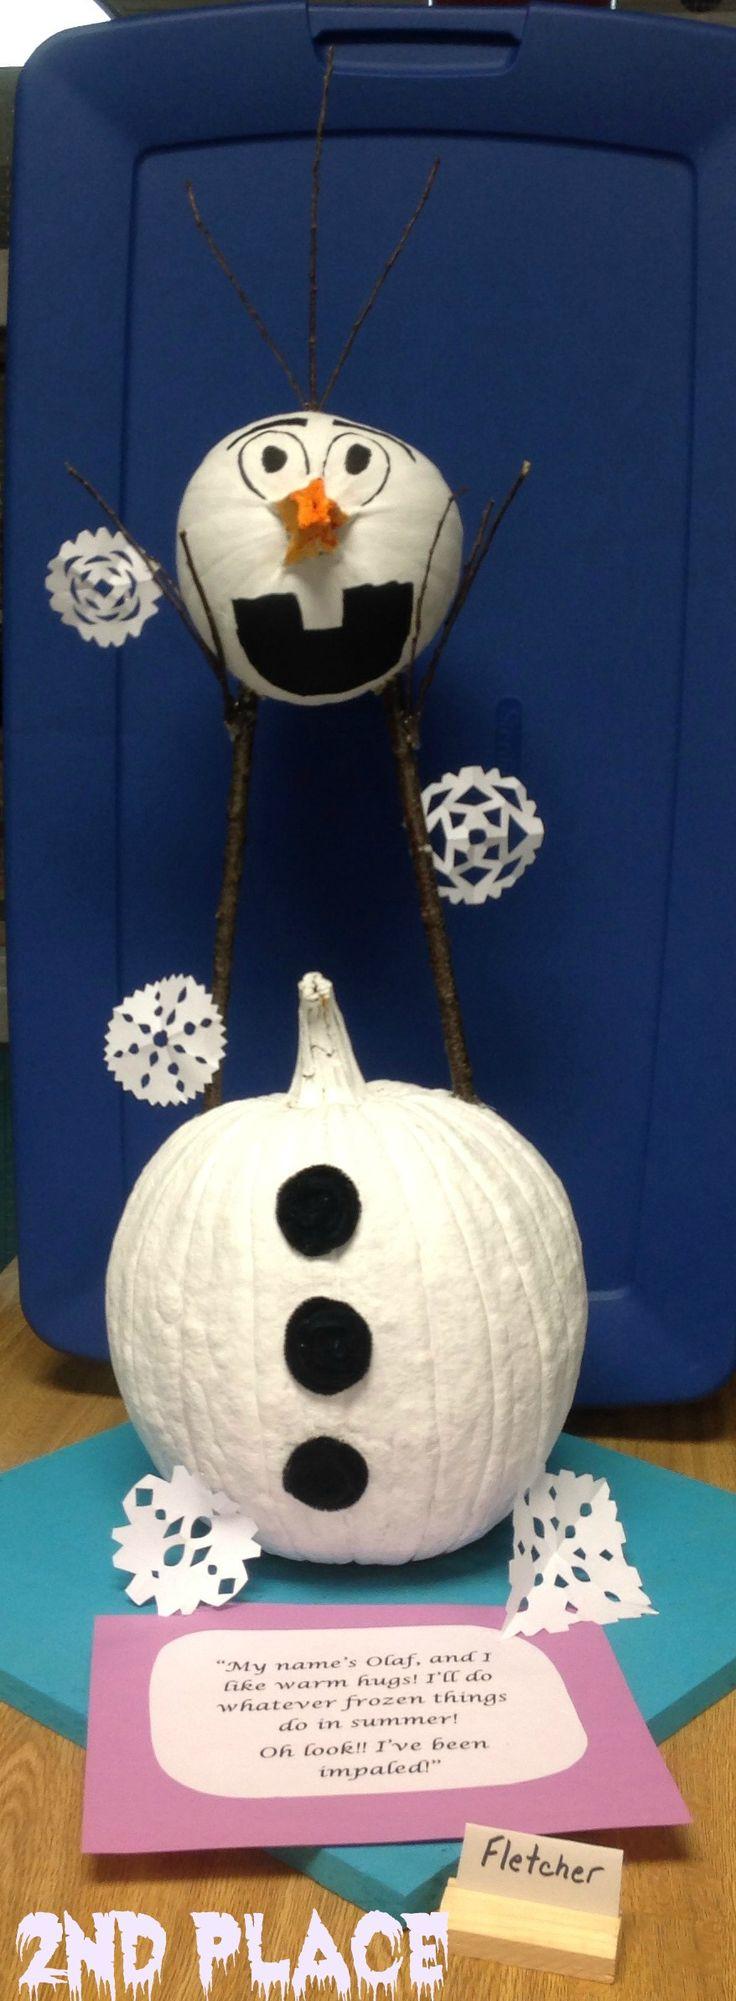 Die 100+ Ideen zum Ausprobieren zu Pumpkin Decoration Contest 2014 ...